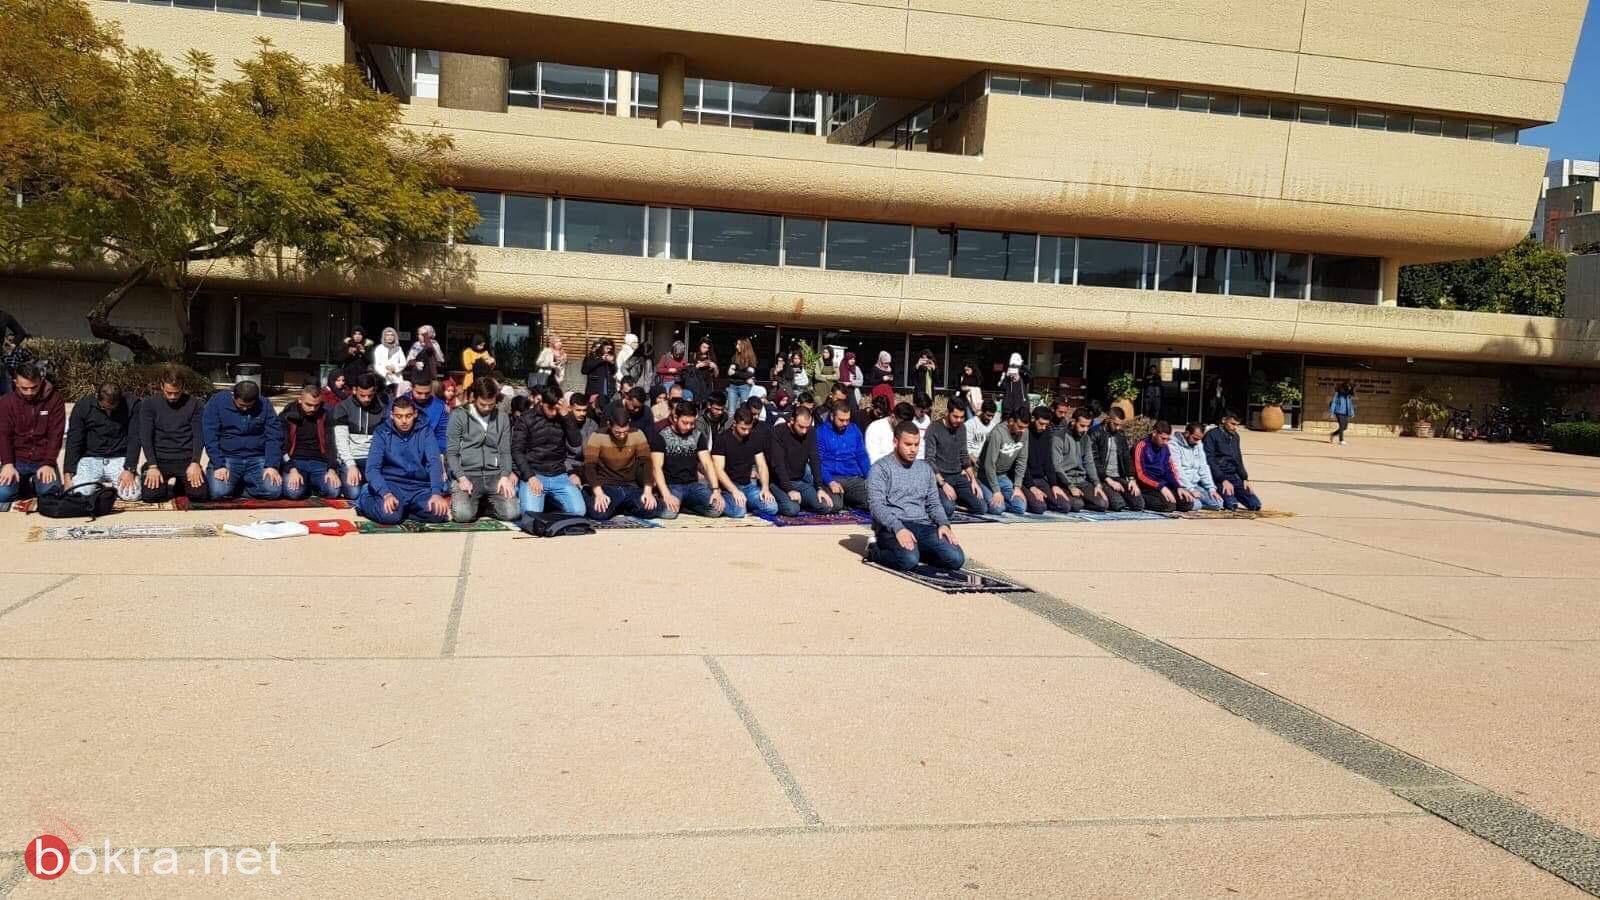 صلاة جماعة في باحة جامعة تلّ أبيب احتجاجاً على إغلاق المصلّى .. وإدارة الجامعة تعقب